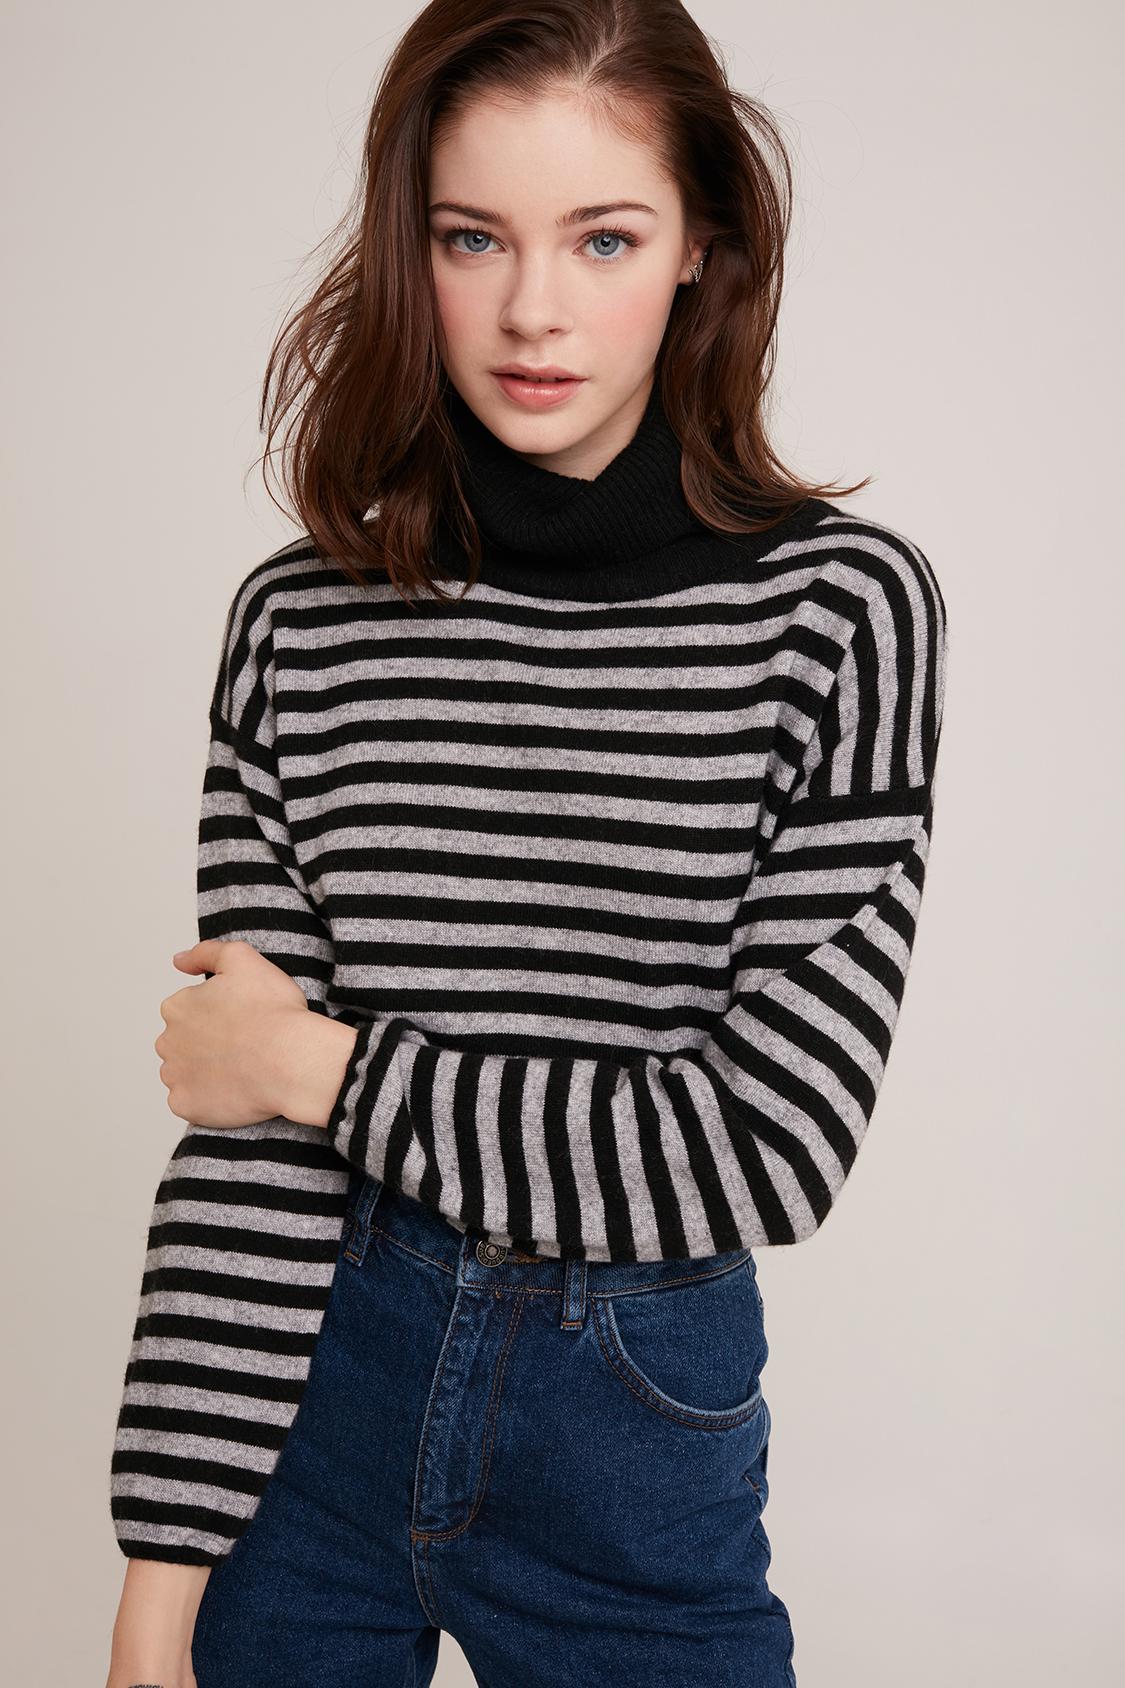 Maglione collo alto righe